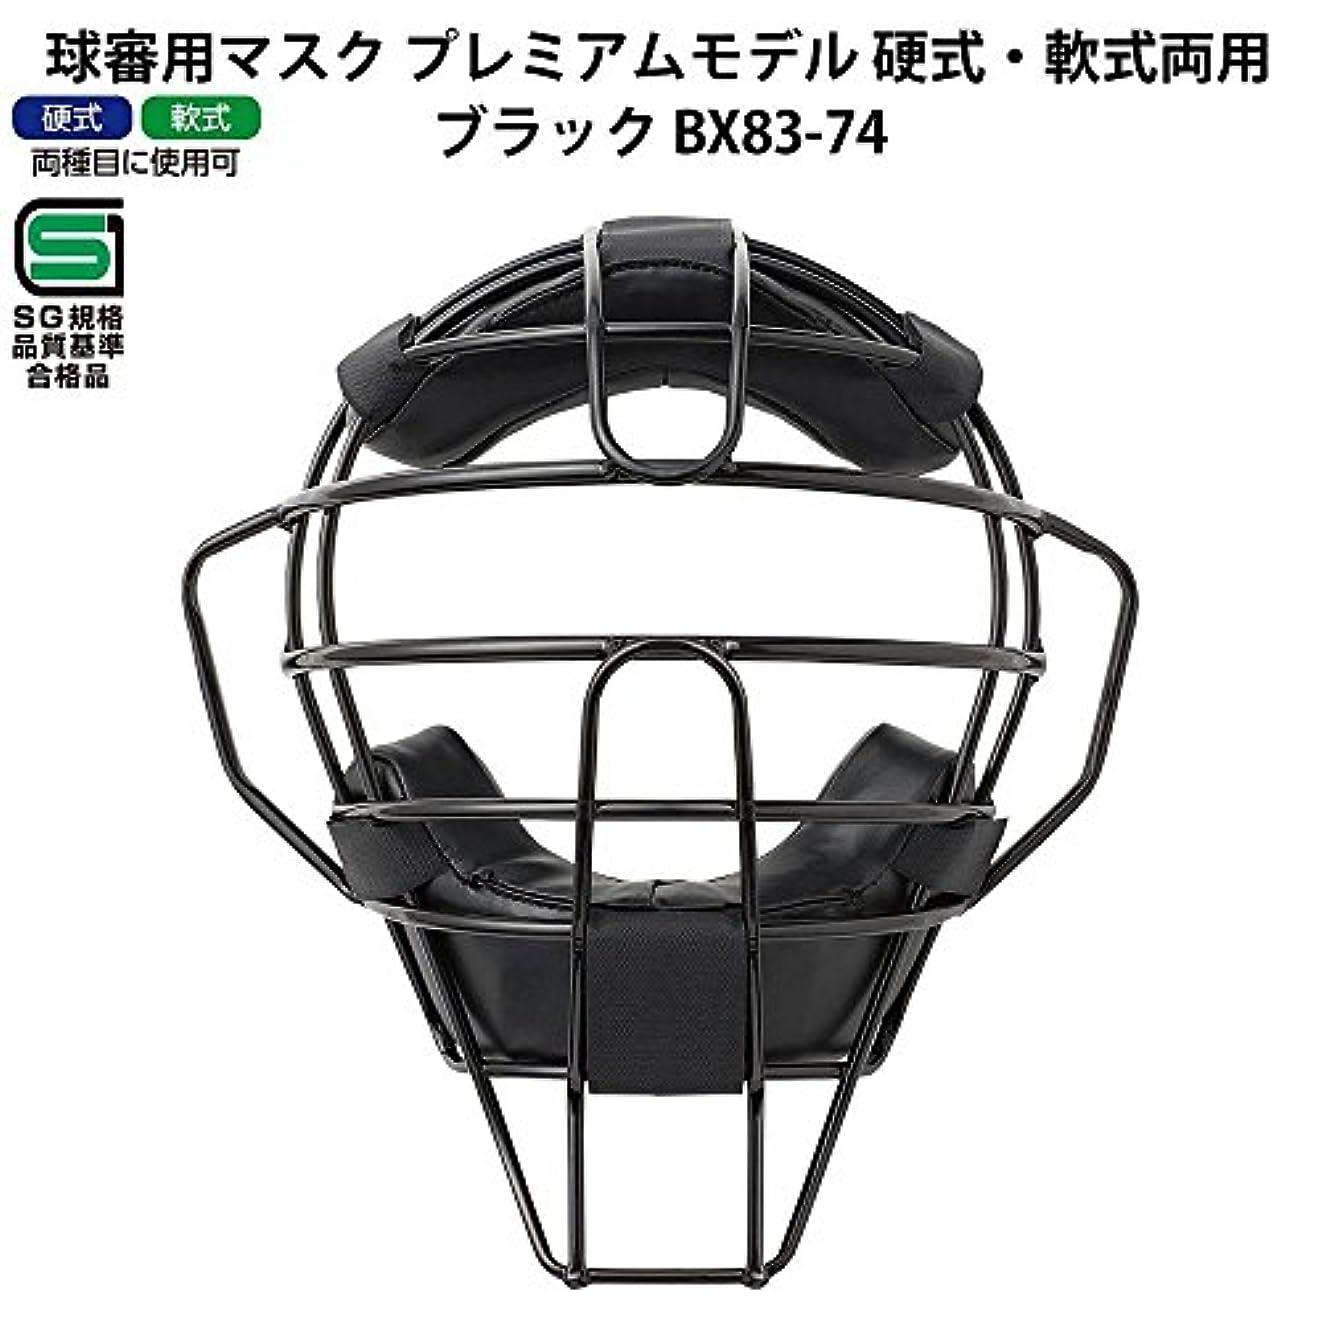 雑品司書覆す球審用マスク プレミアムモデル 硬式?軟式両用 ブラック BX83-74